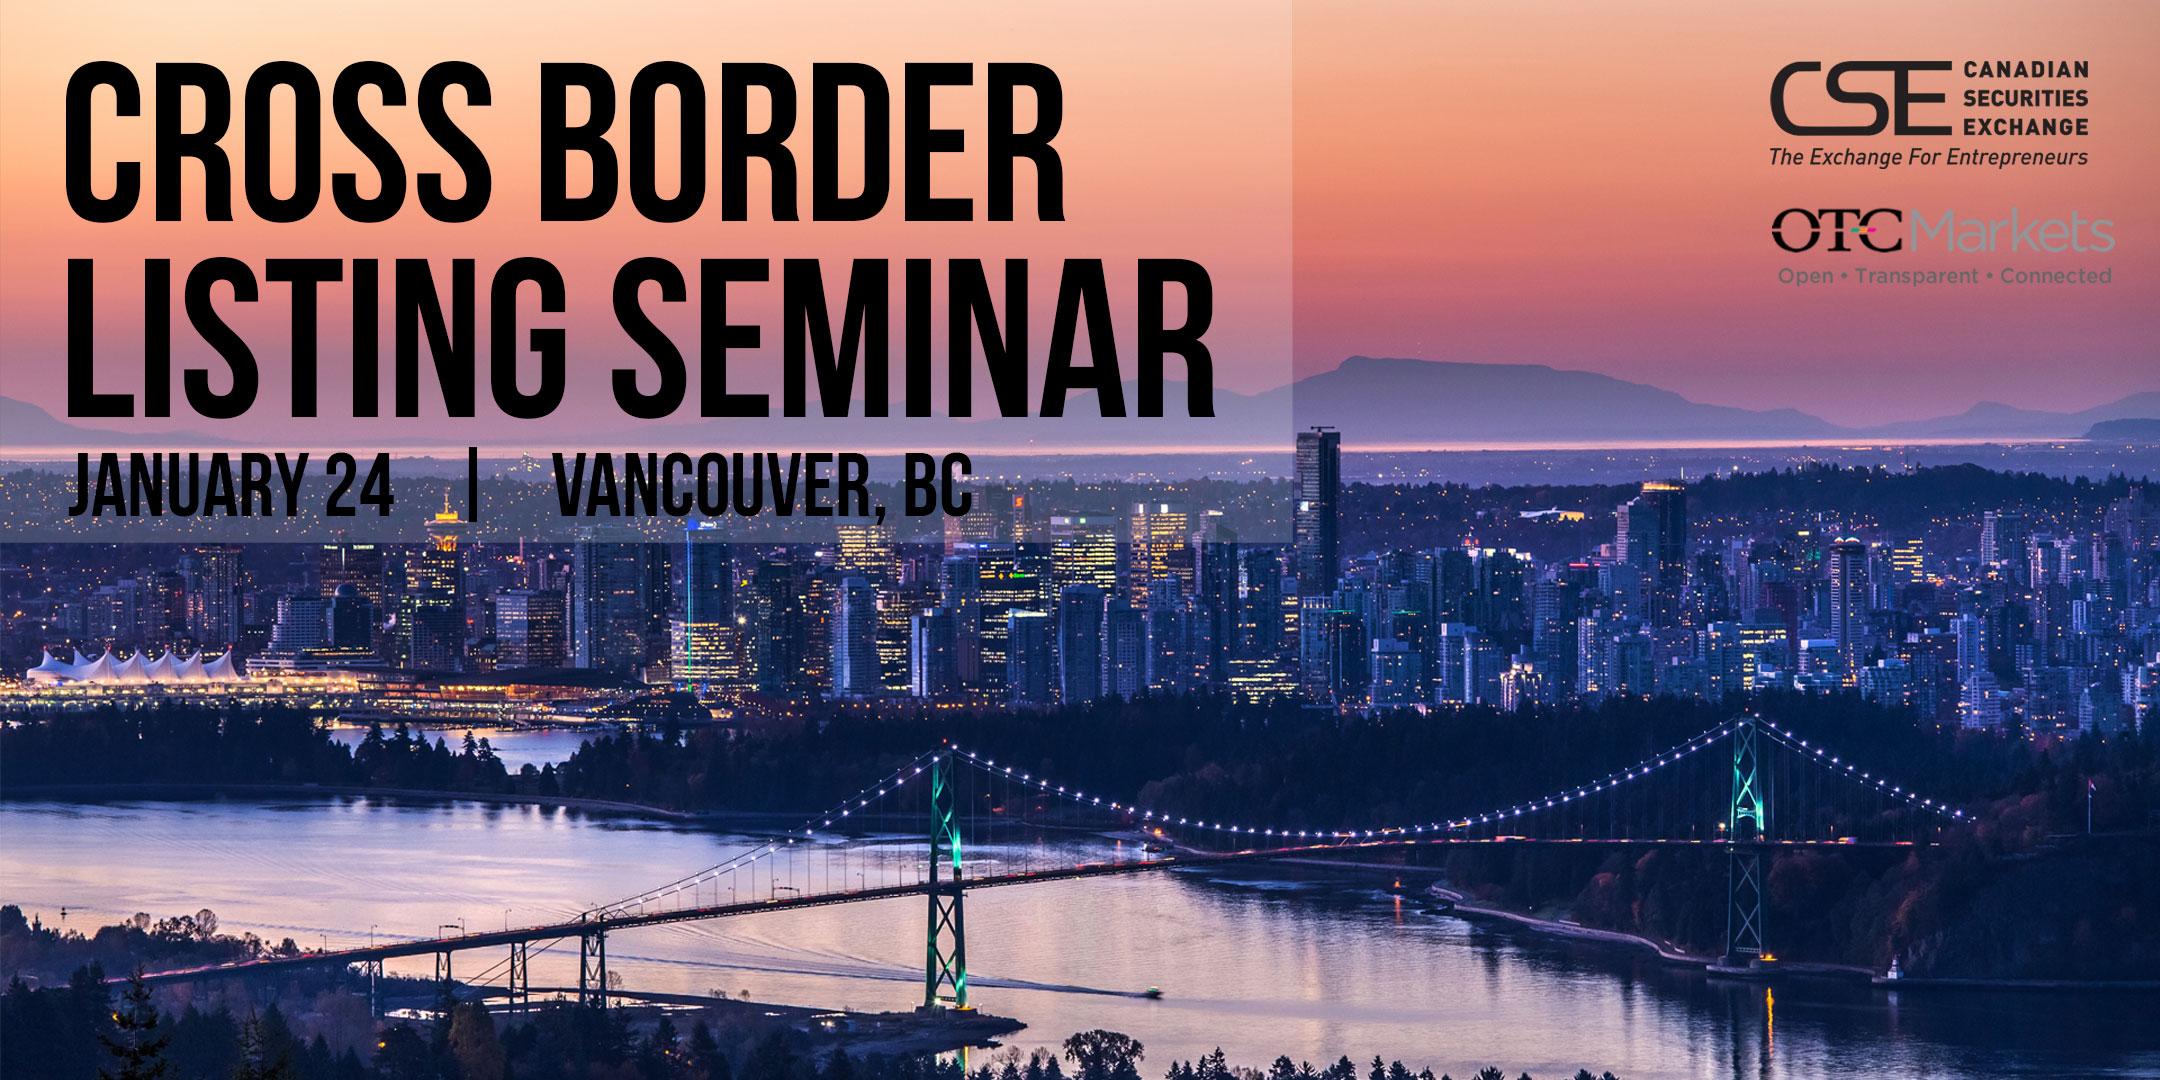 January 24 2017 Cross Border Seminar